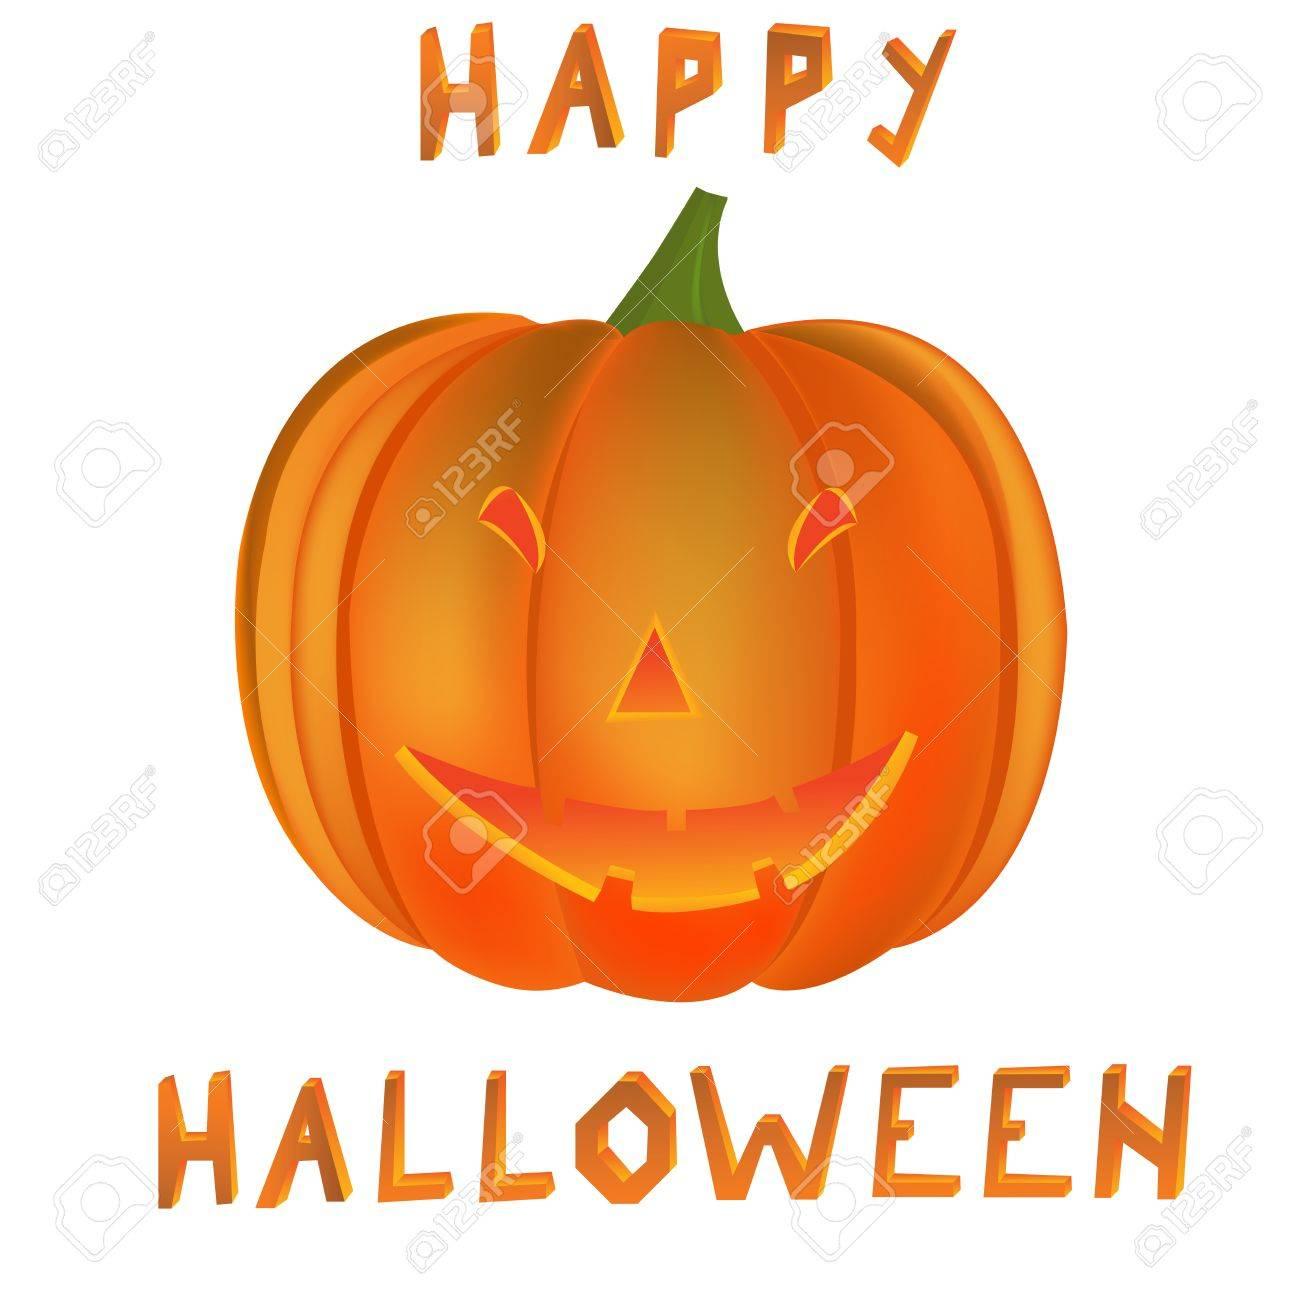 Halloween Pumpkin Vector Art.Happy Halloween Pumpkin Vector Art Illustration More Drawings